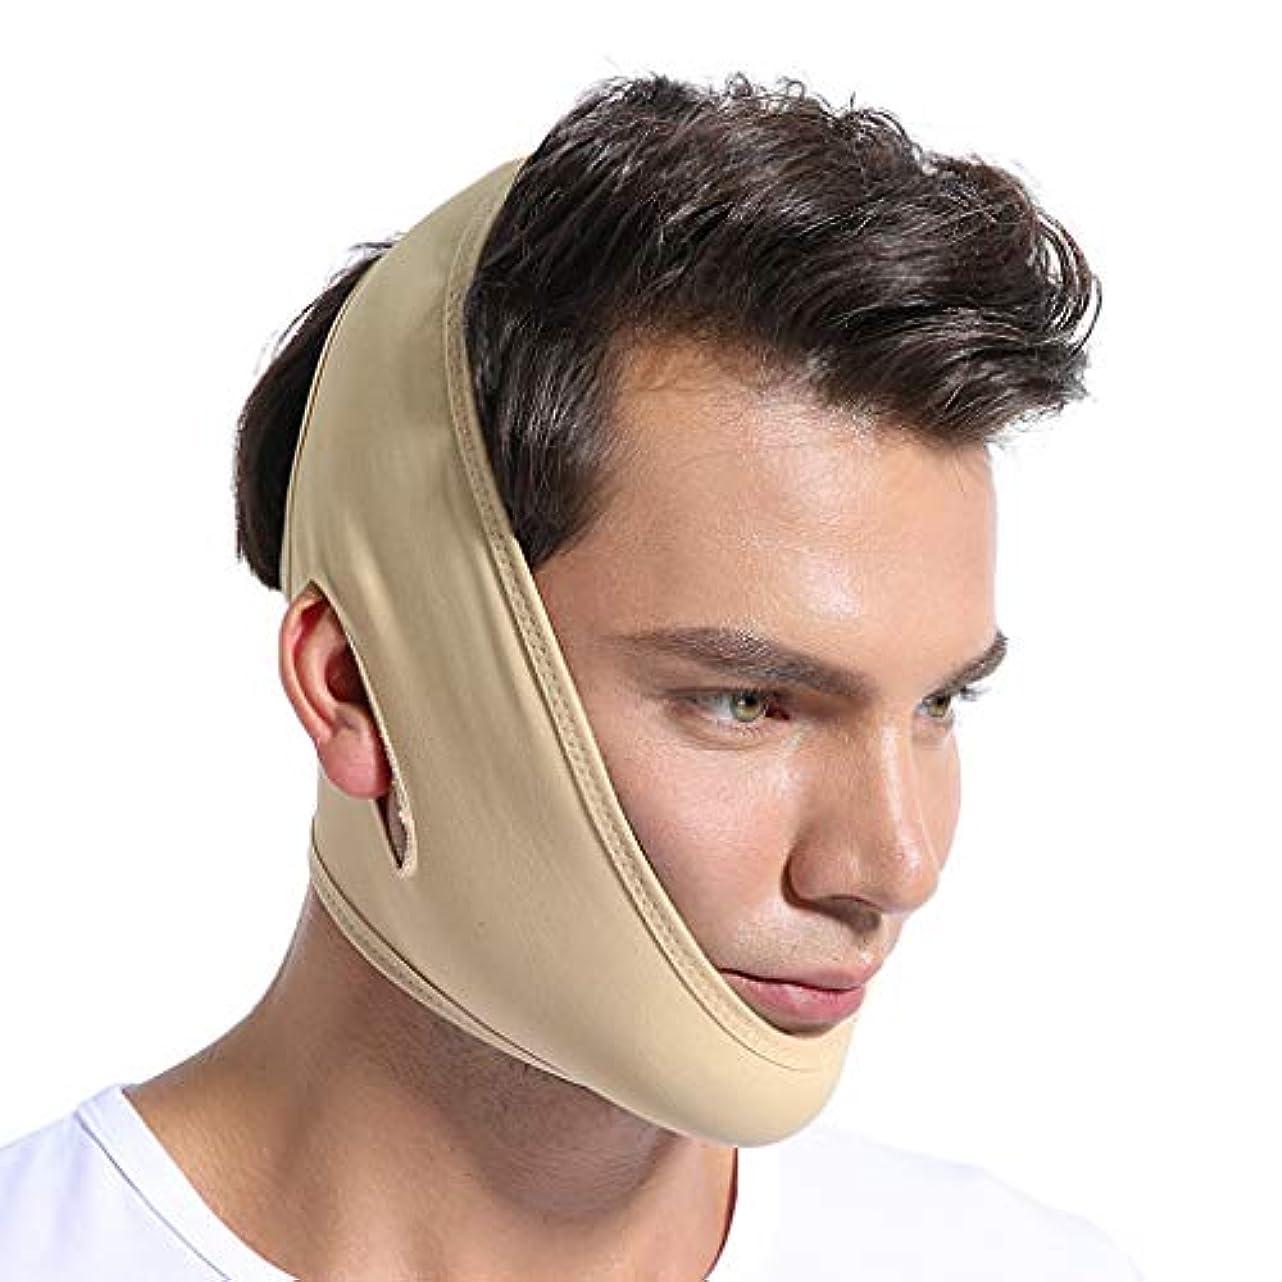 ケント吸い込むケープ医療ワイヤは、回復回復マスクは、同じ段落を揺るがすネット赤の男性と女性の顔の包帯 v 顔薄い顔アーティファクトを彫る